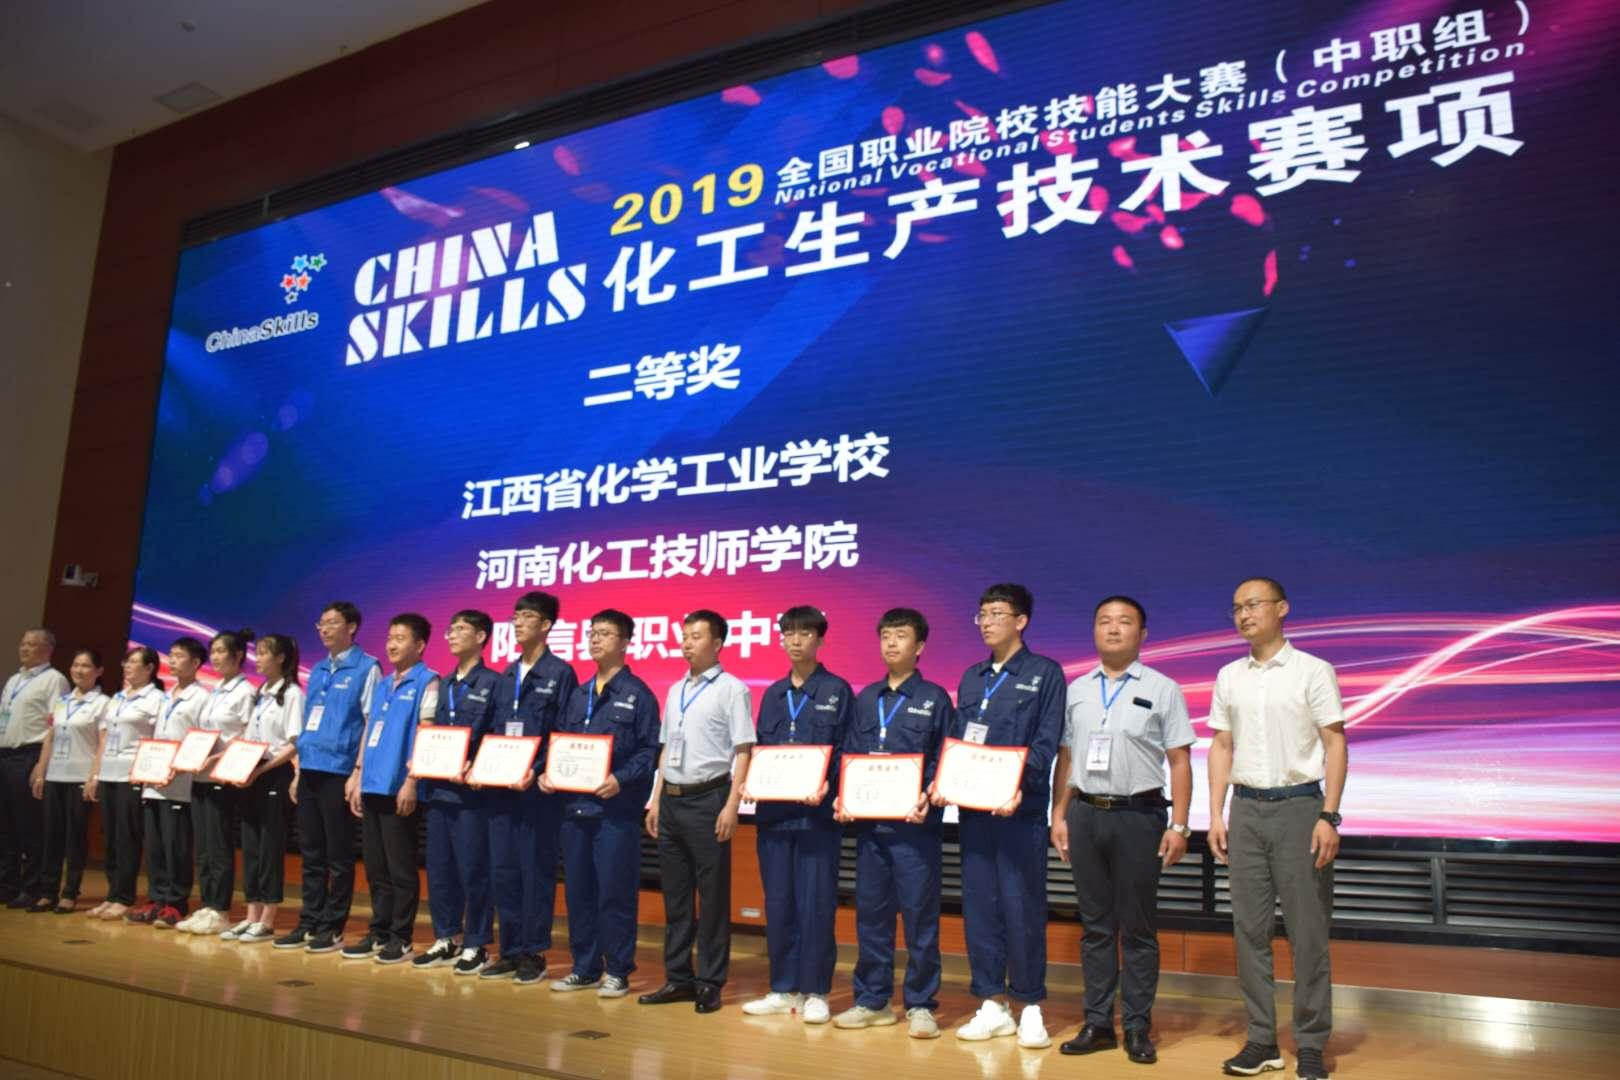 创先争优 滨州市职业院校技能大赛成绩进入全省前列